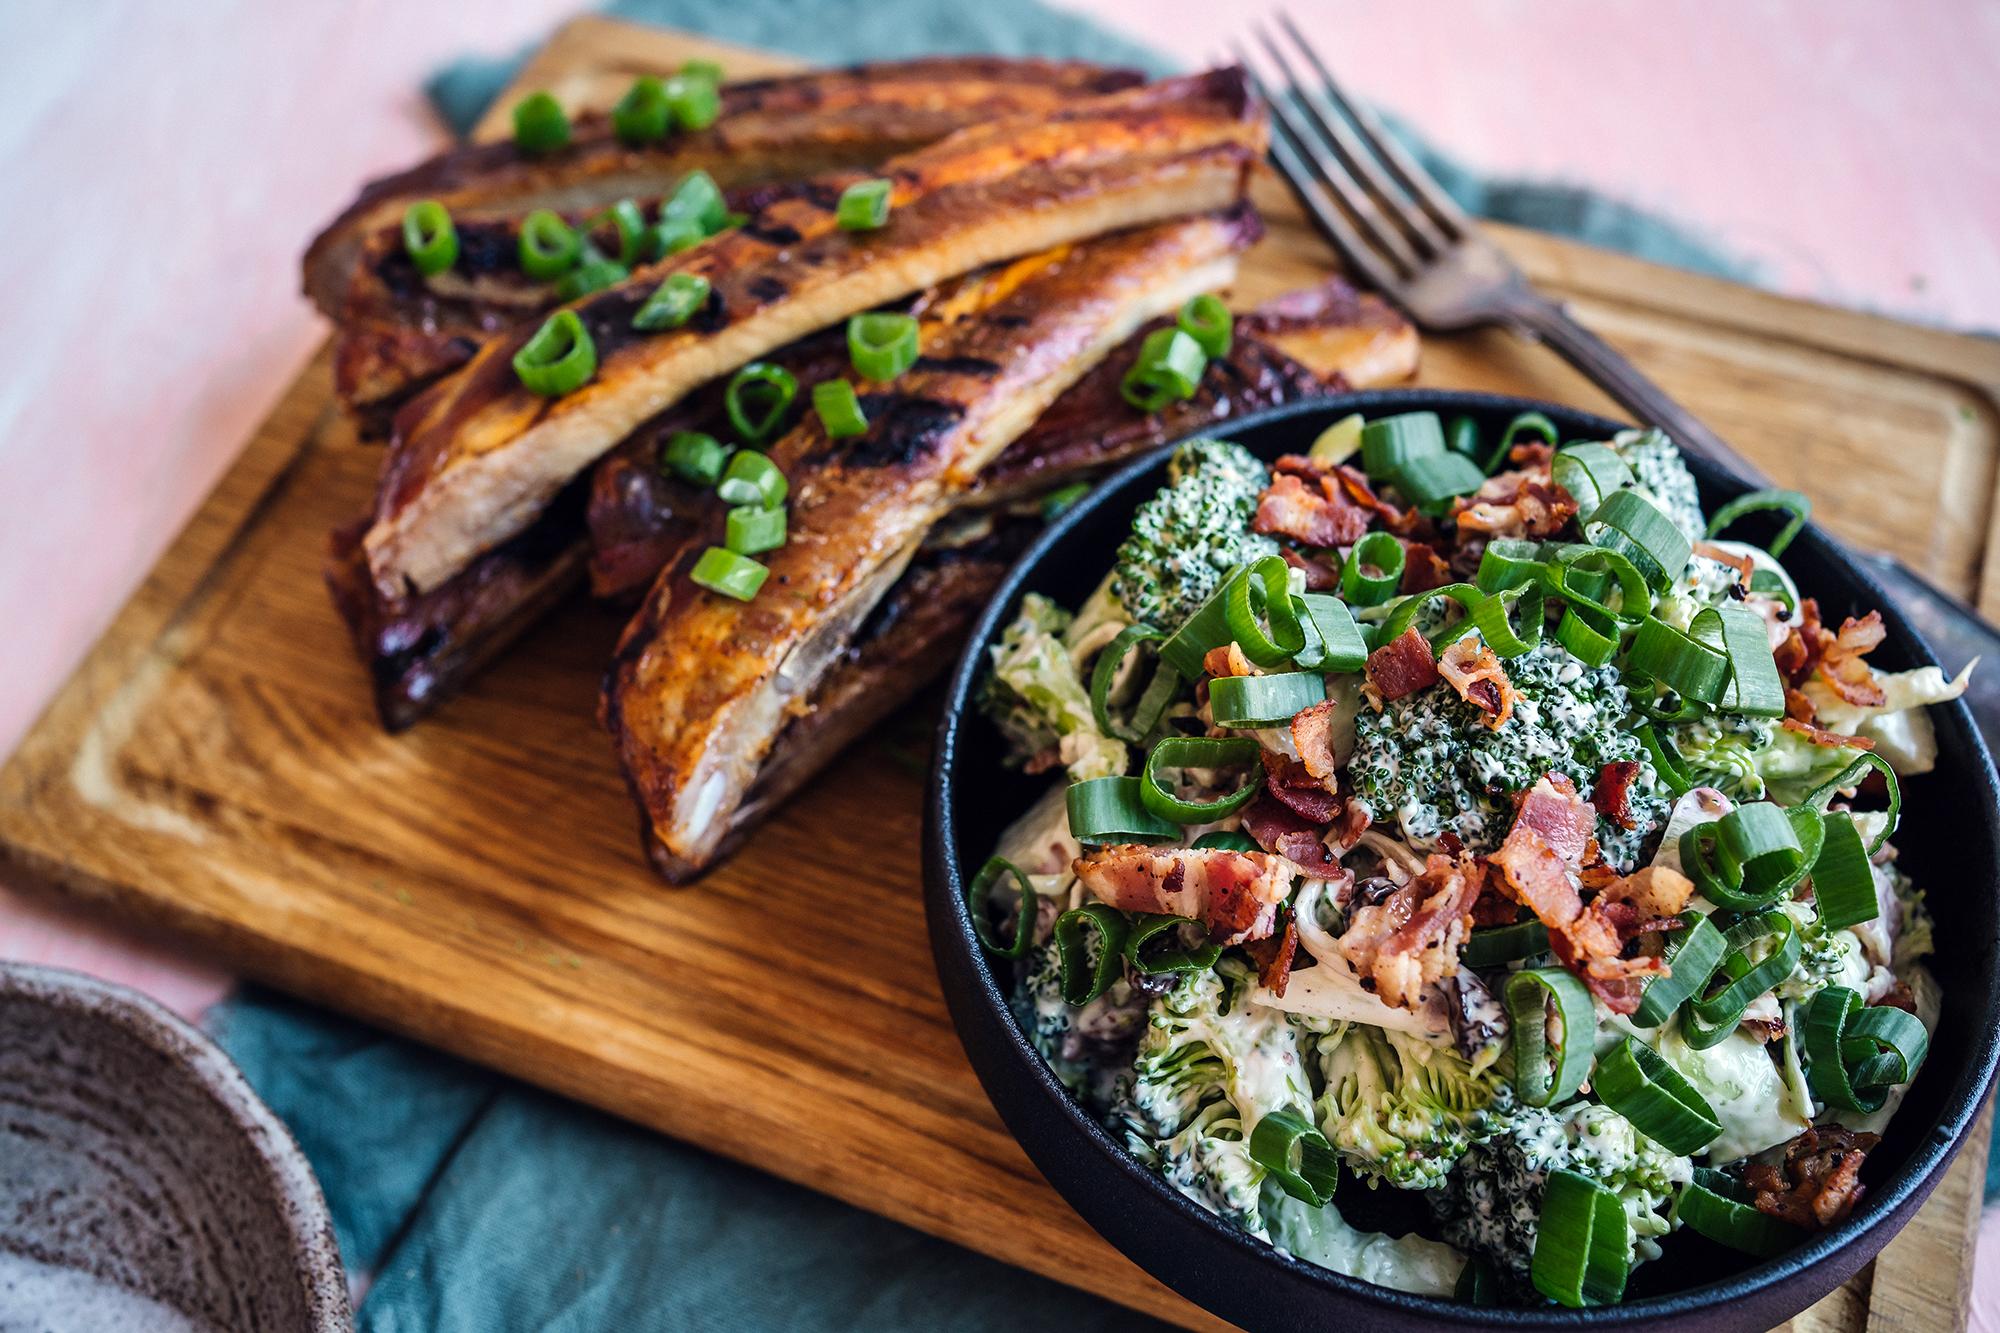 Ribsit grillissä ja pekoni-parsakaalisalaatti